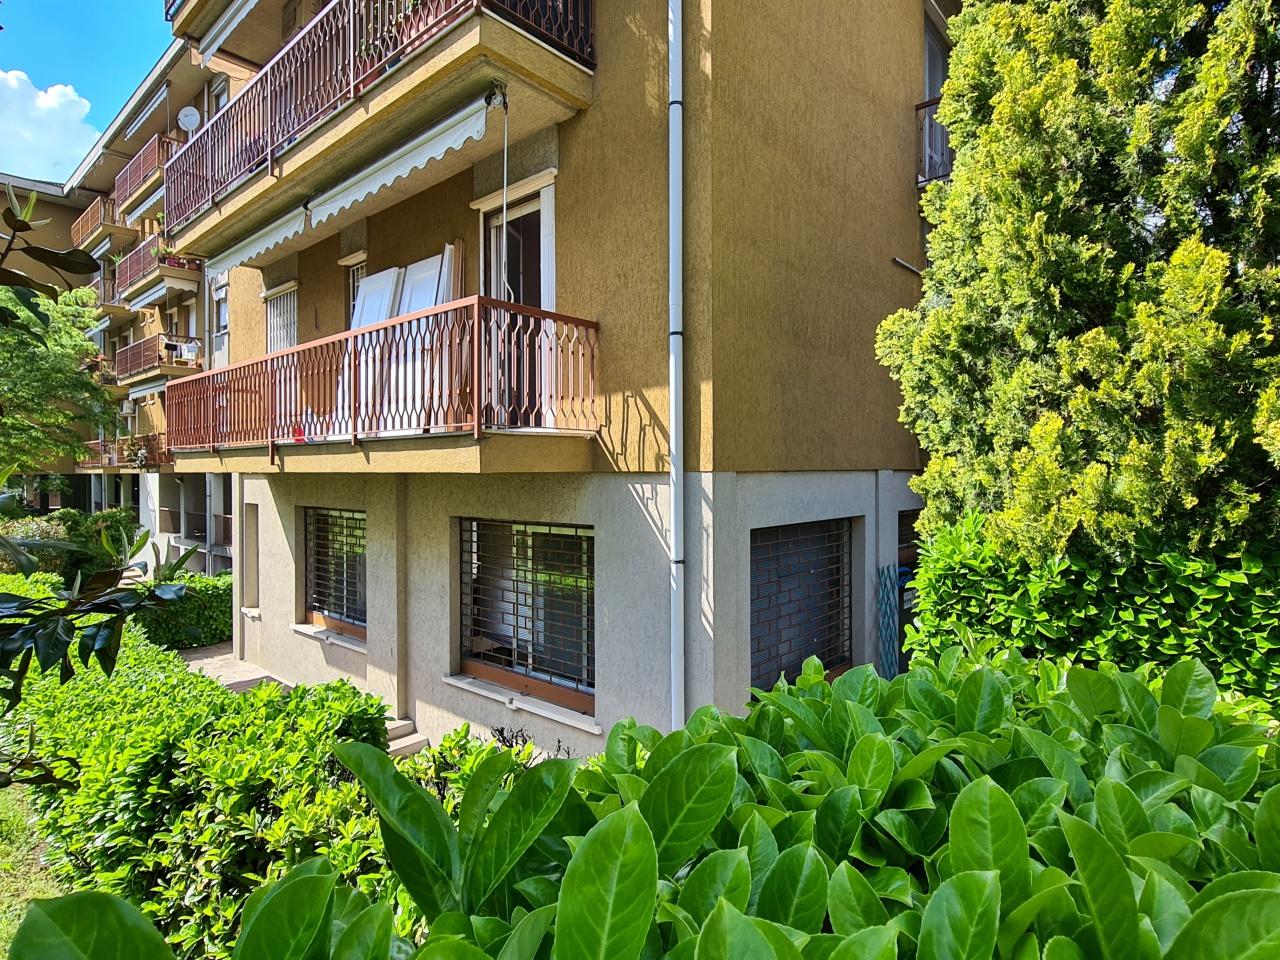 Negozio / Locale in vendita a Treviglio, 5 locali, prezzo € 135.000 | PortaleAgenzieImmobiliari.it